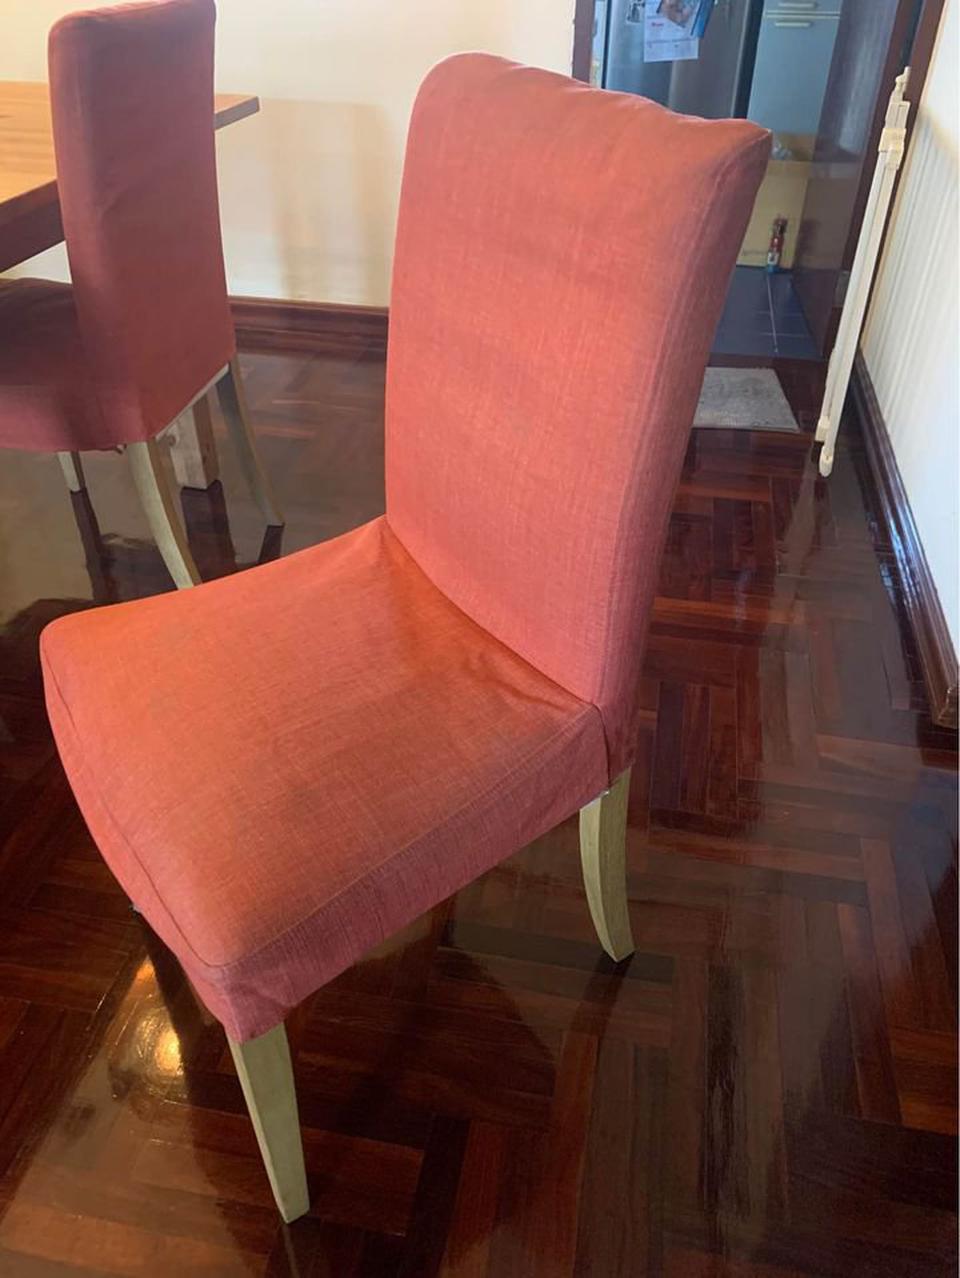 ขายด่วน!!! โต๊ะ ikea 6 ที่นั่ง แถมเก้าอี้ 2 ตัว  รูปที่ 3